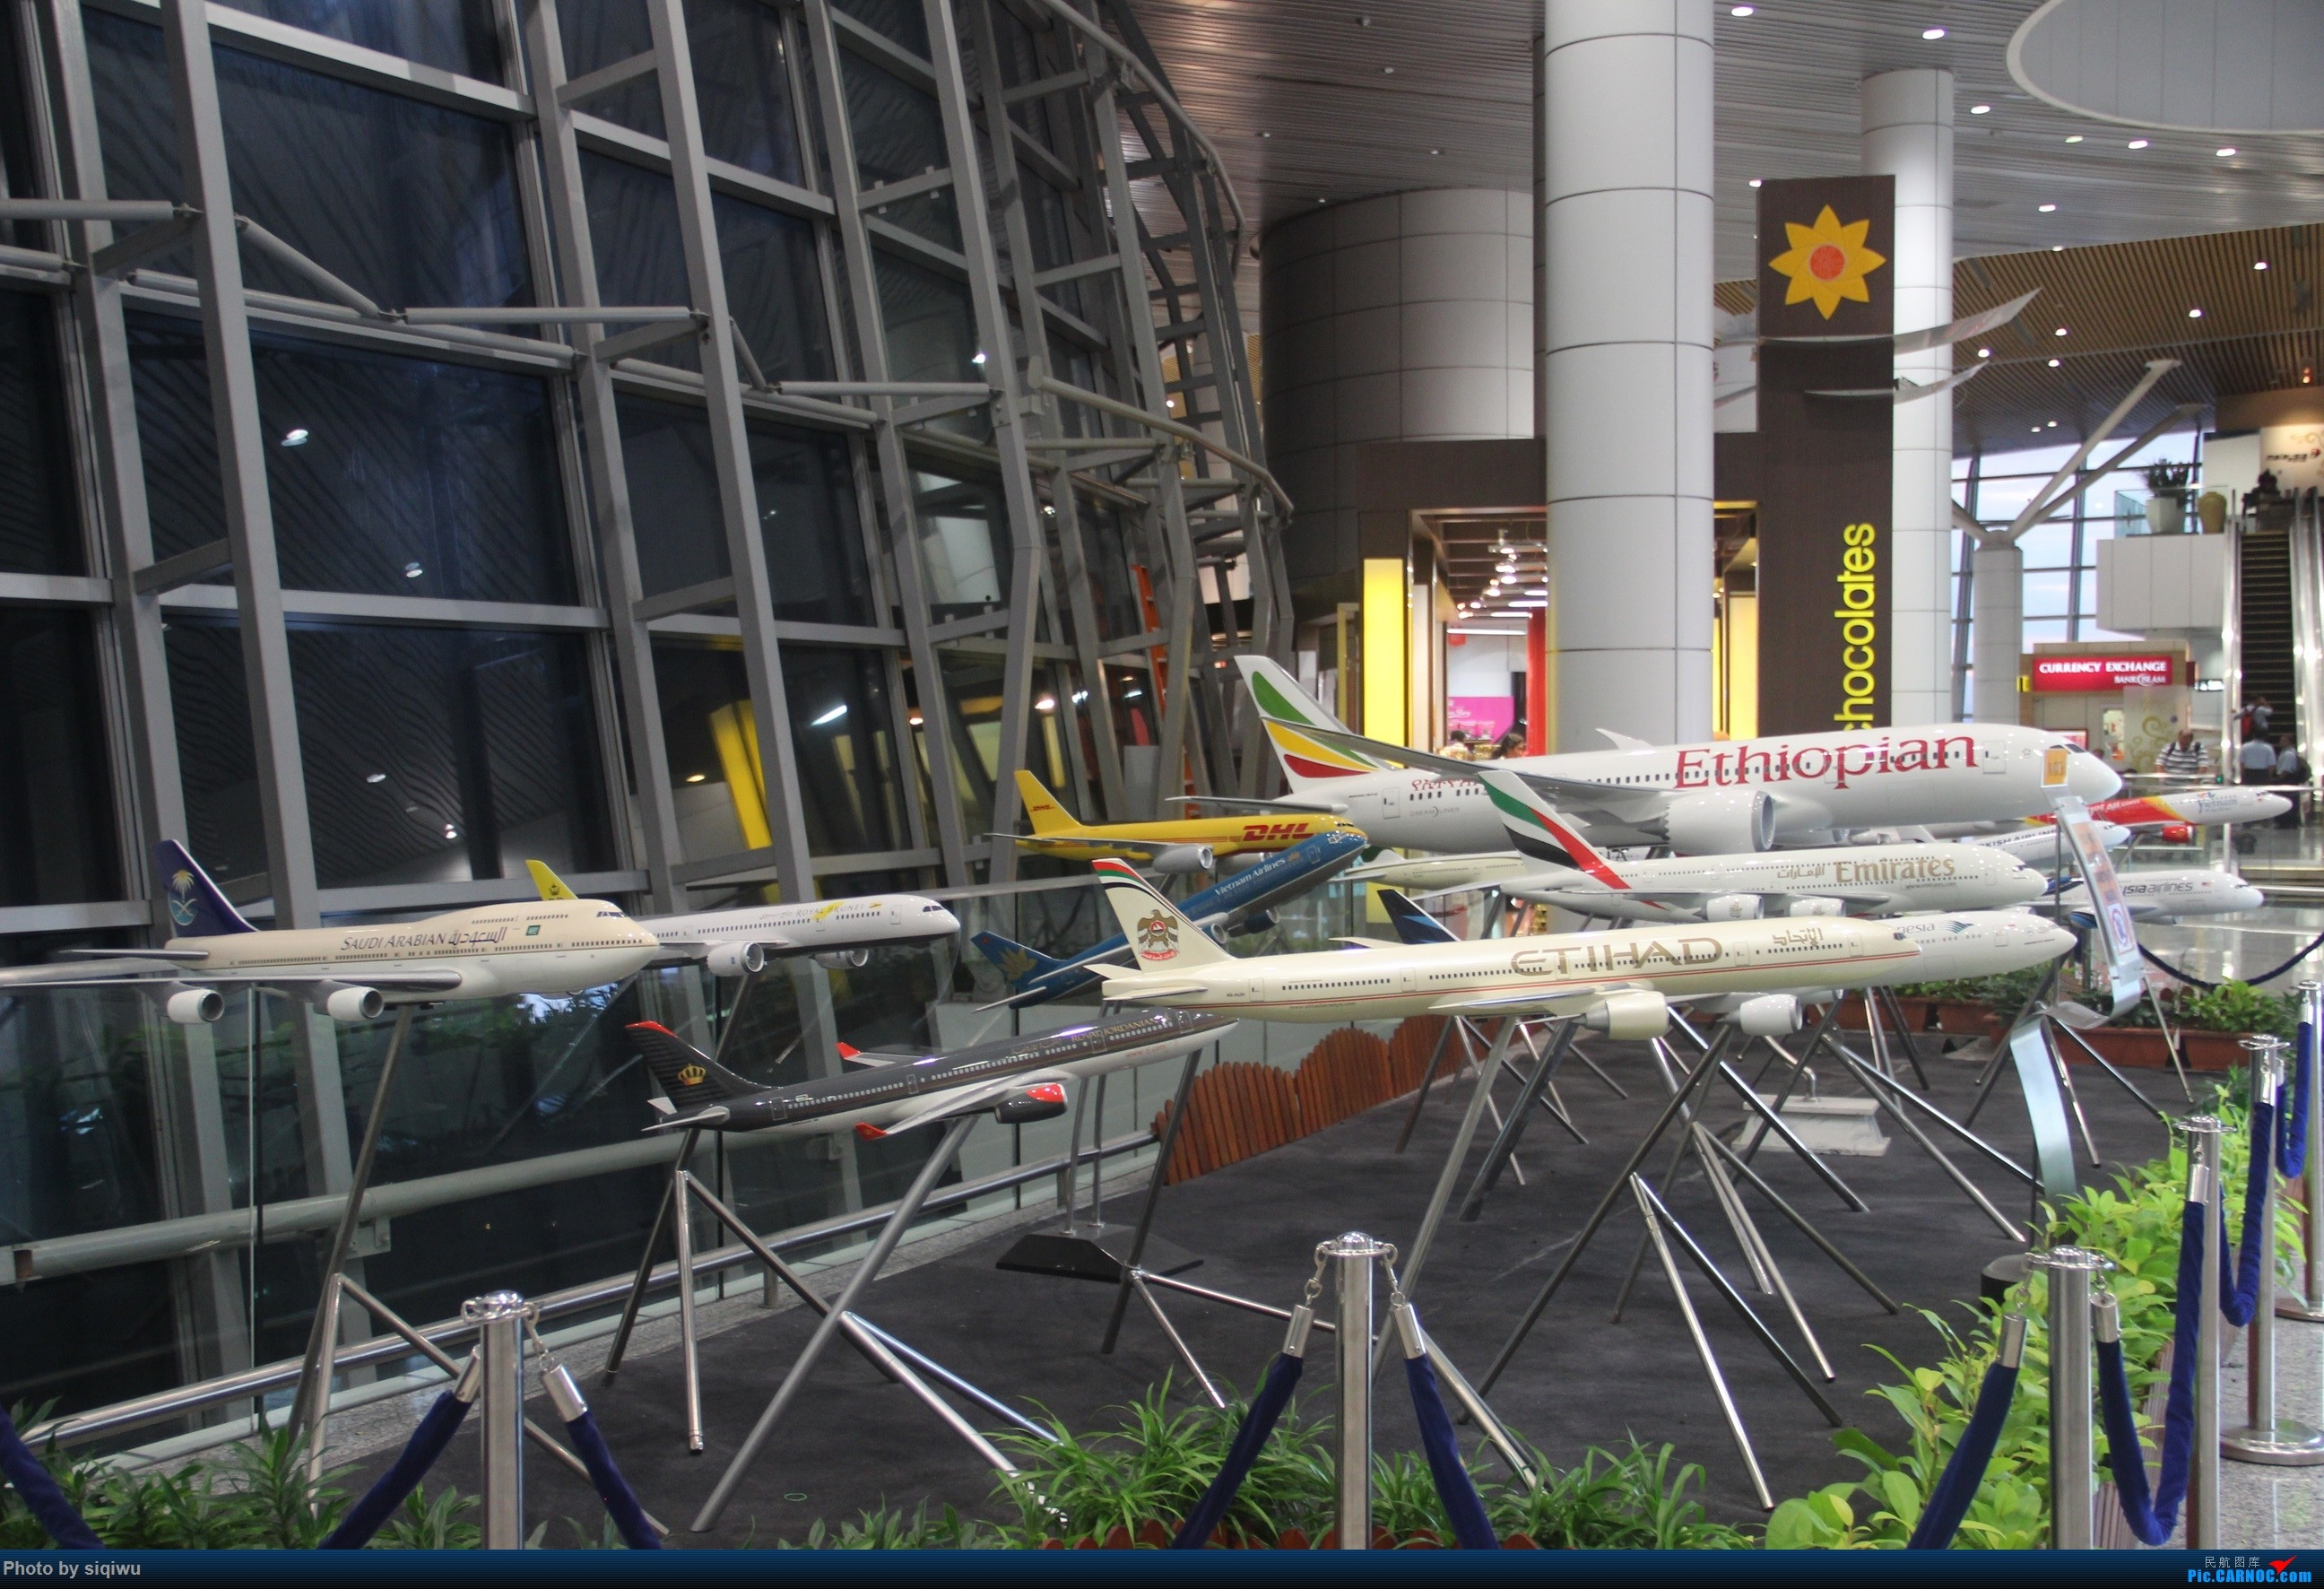 Re:[原创]PVG-HKG-KUL-HKG-PVG 四天往返,CX/KA    马来西亚吉隆坡国际机场